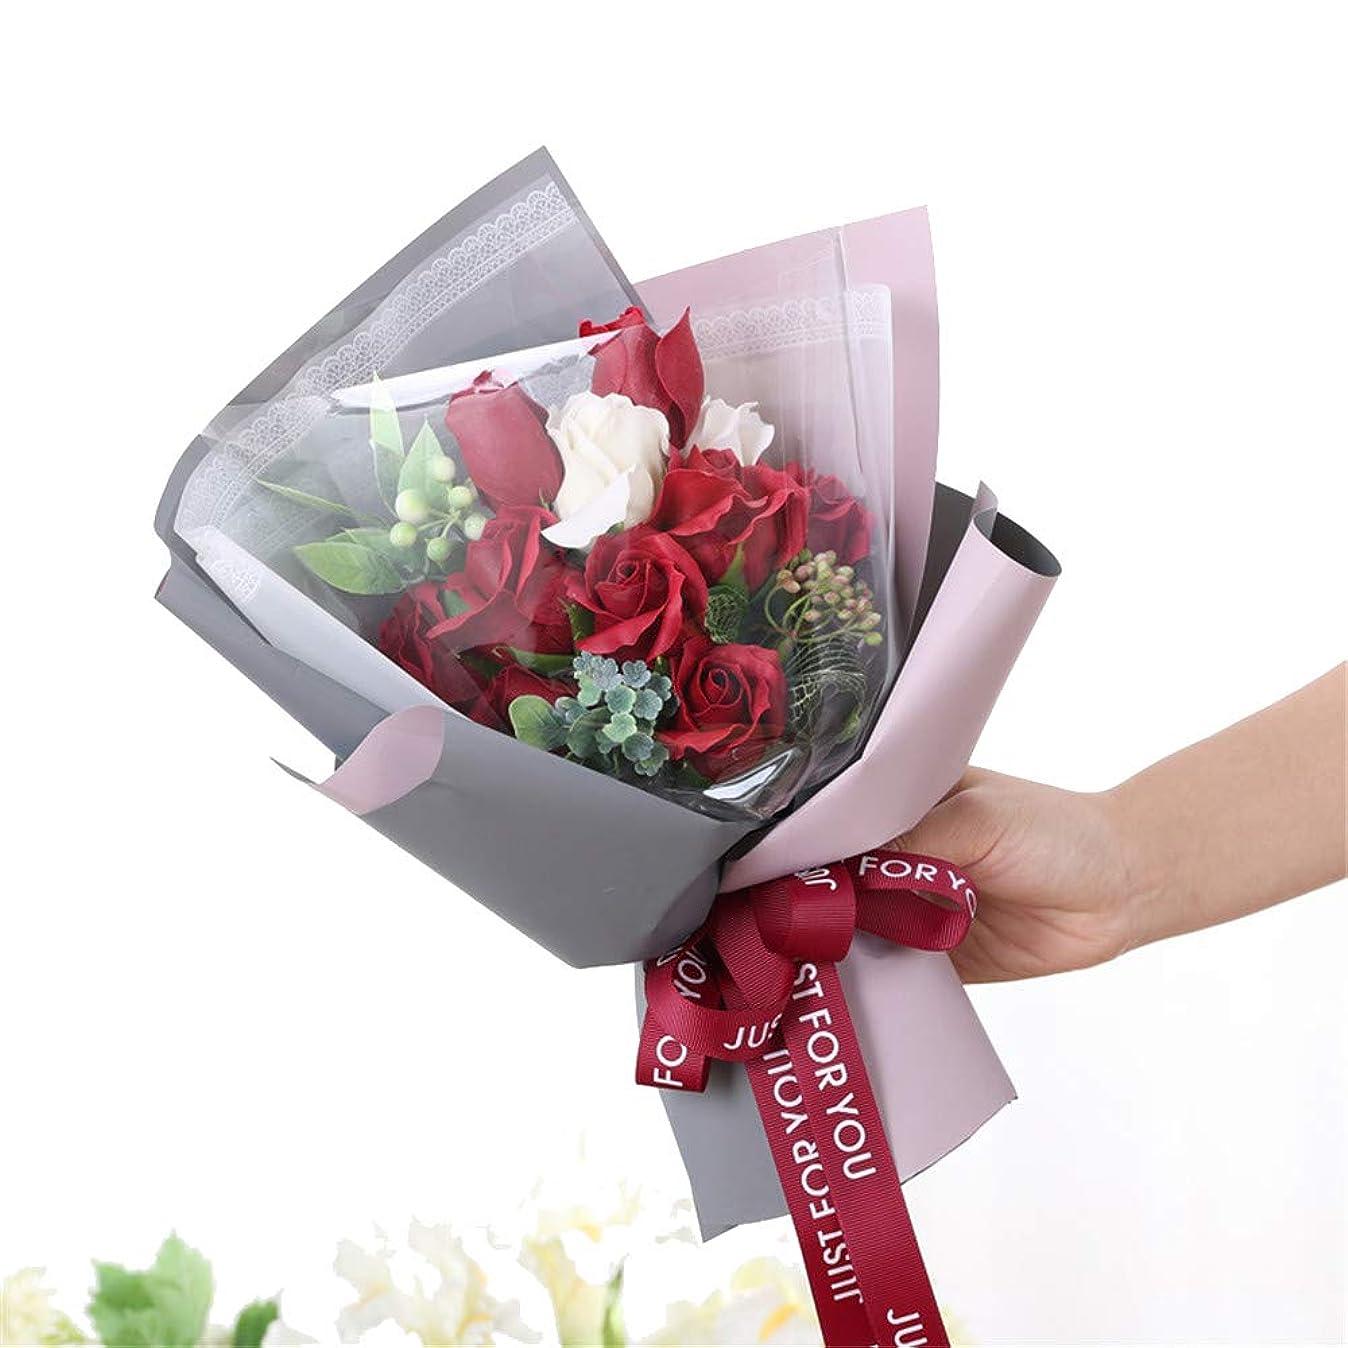 稼ぐ順番ボックス手作りのバラ石鹸フラワーブーケのギフトボックス、女性のためのギフトバレンタインデー、母の日、結婚式、クリスマス、誕生日を愛した女の子 (色 : 赤)